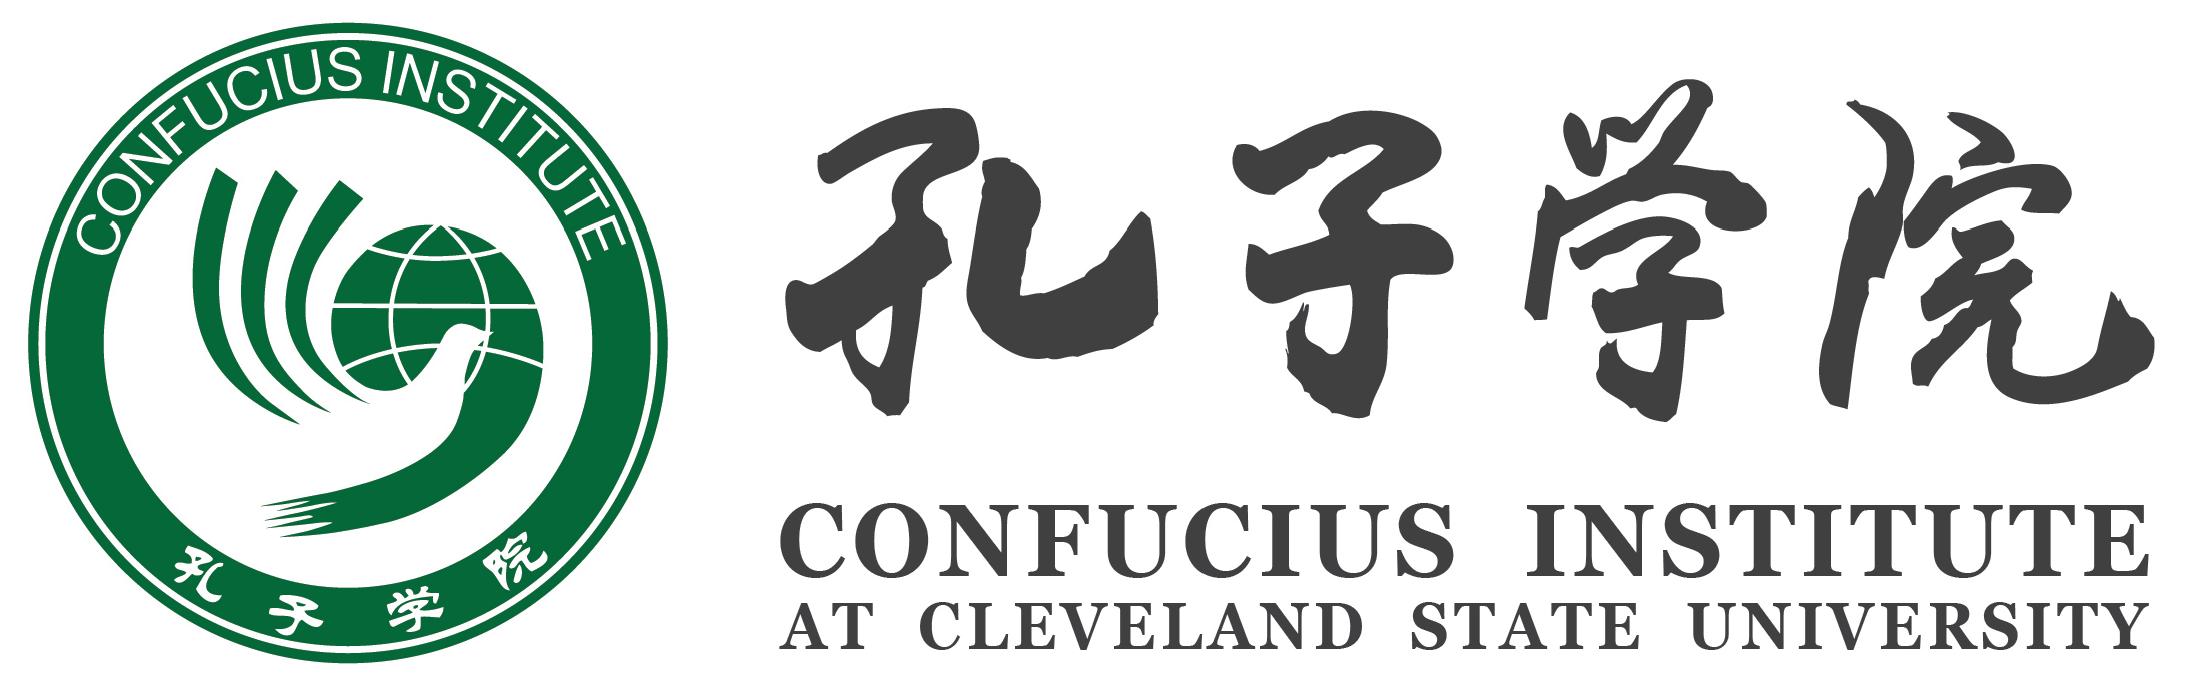 cicsu logo